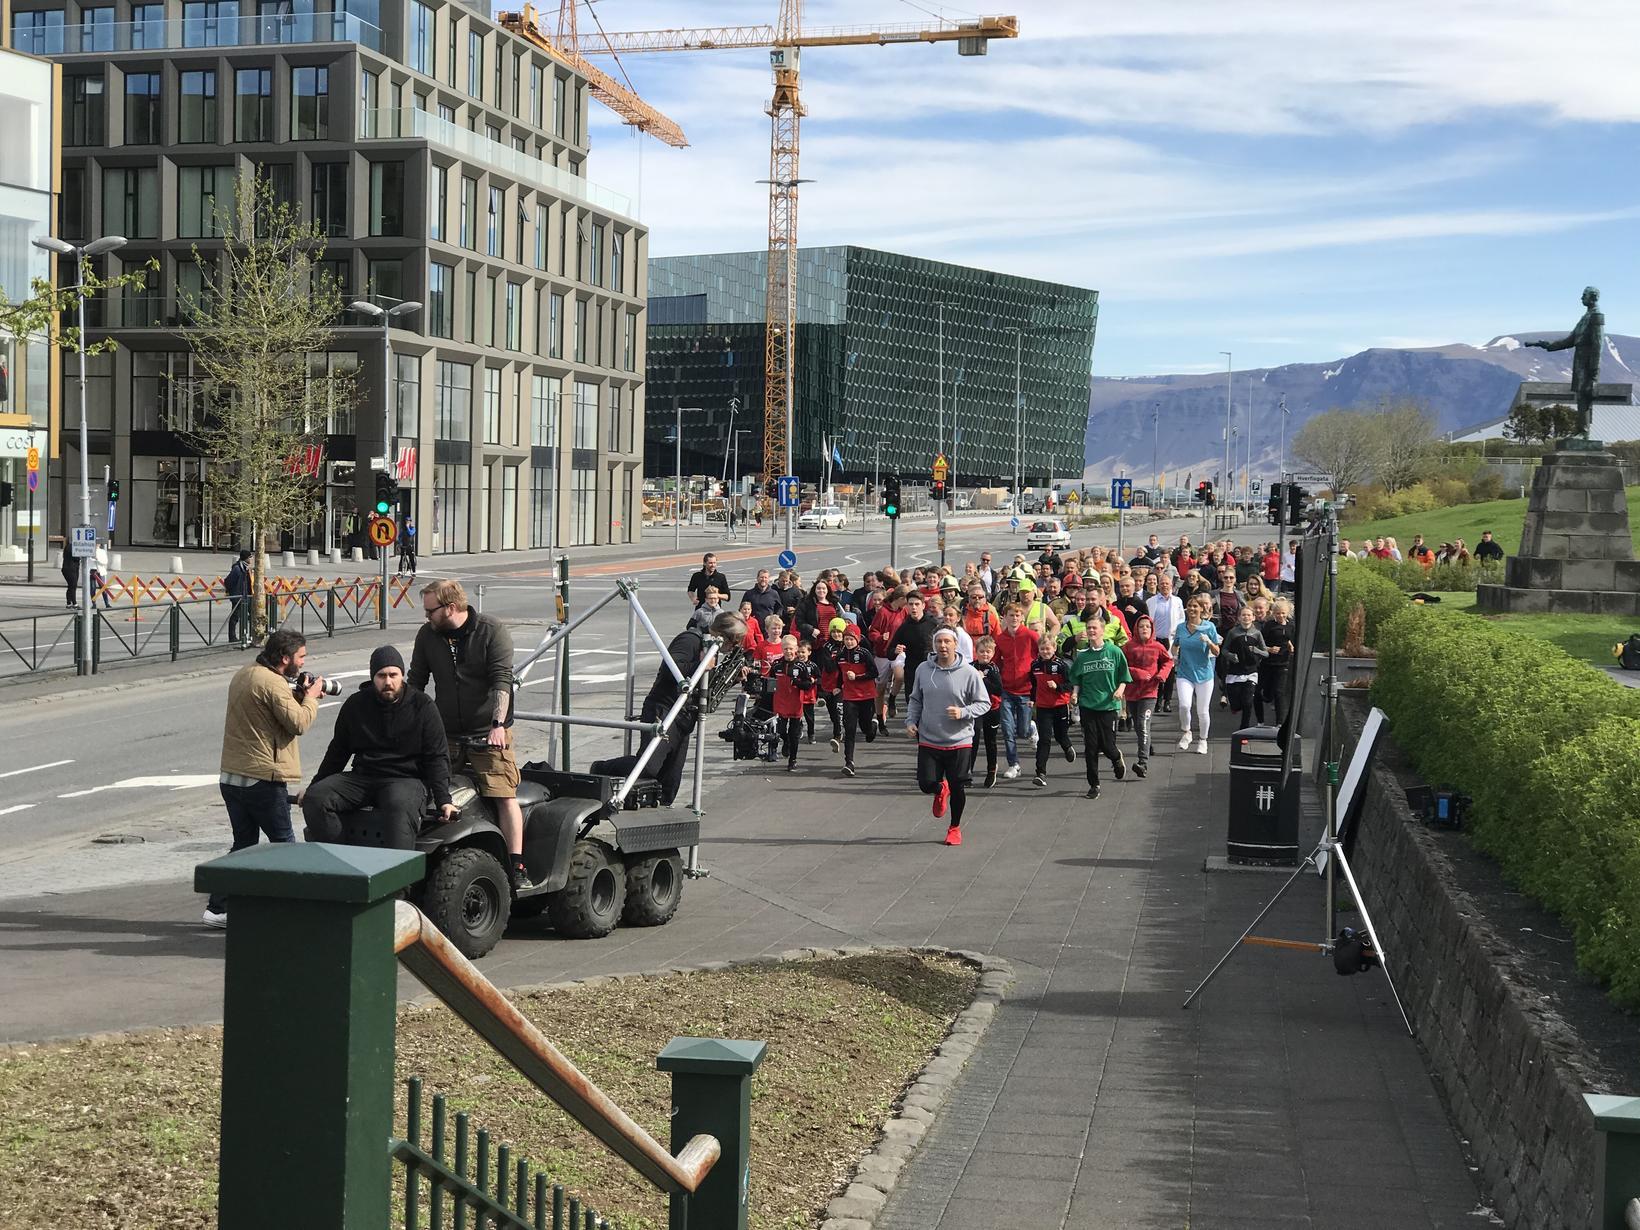 Hlaupið í Lækjargötunni fyrir nýja auglýsingu Reykjavíkurmaraþonsins.